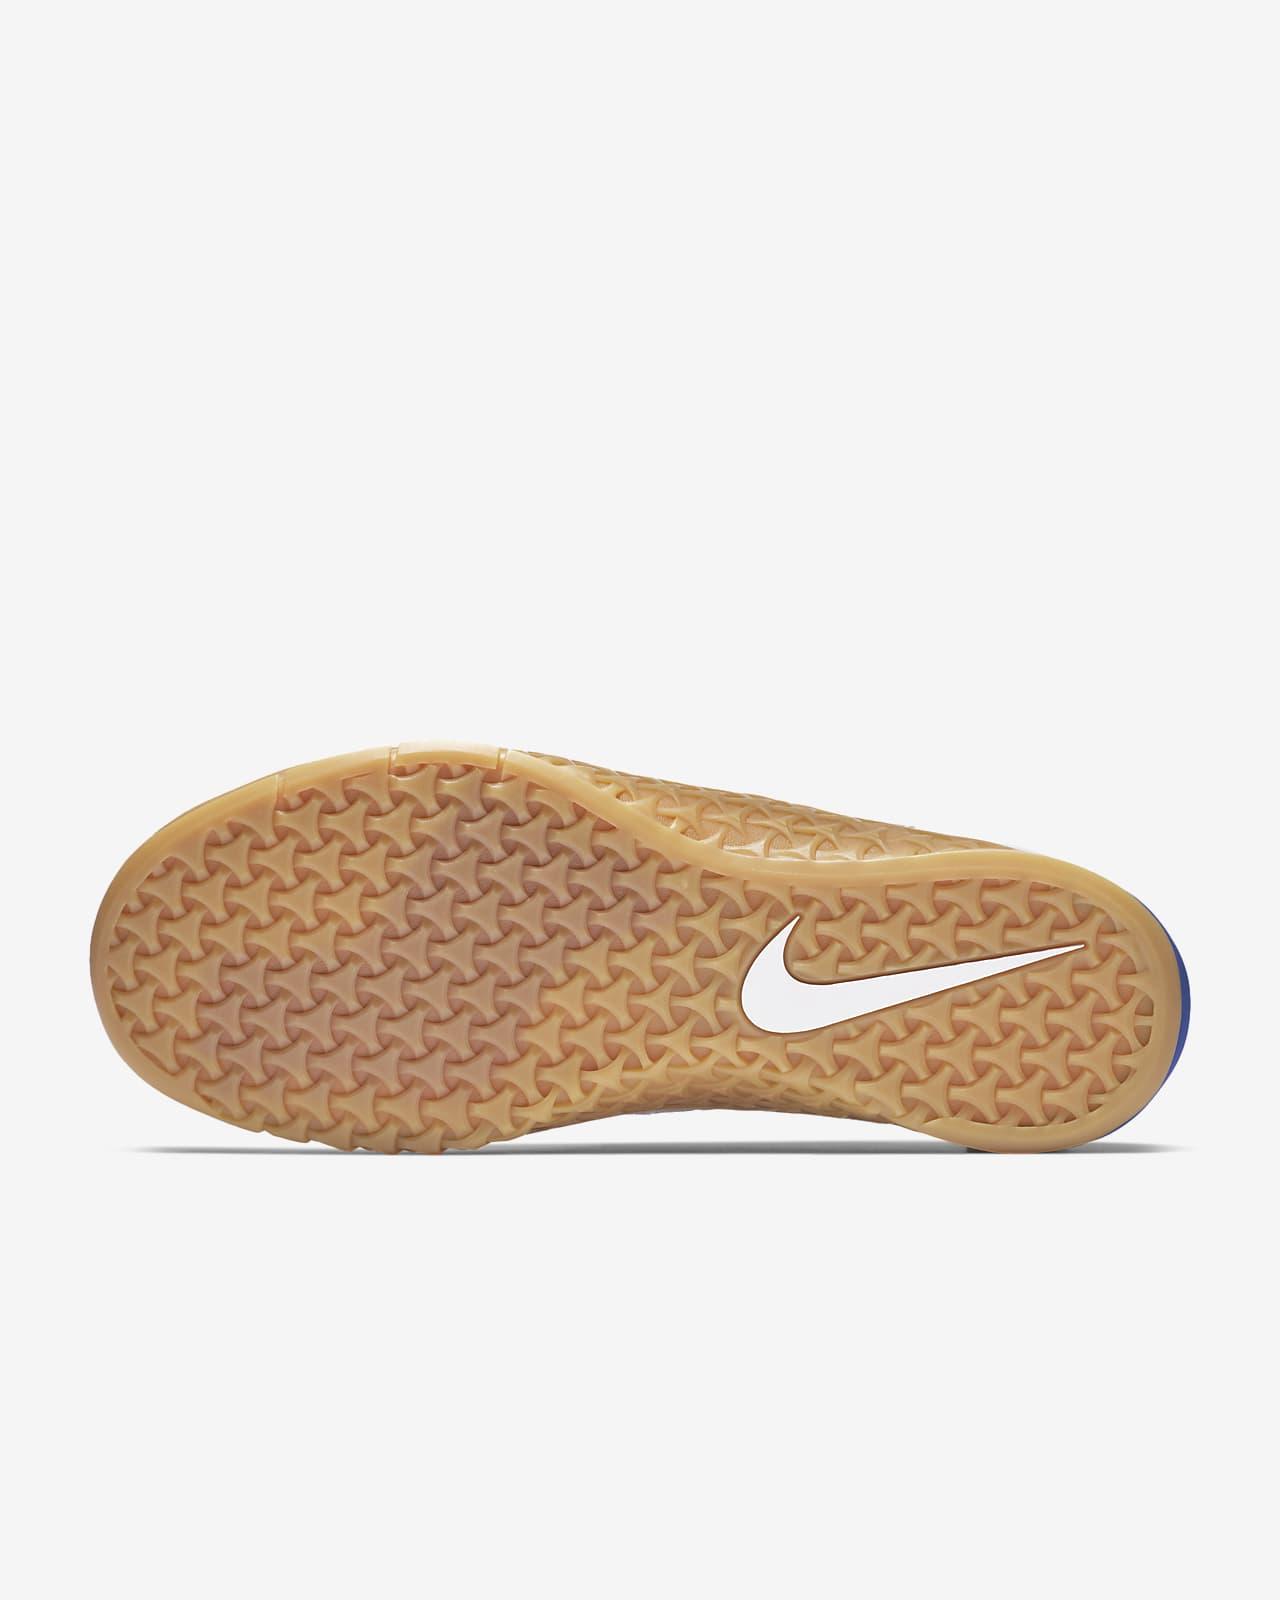 Nike Metcon 4 XD X Whiteboard Men's